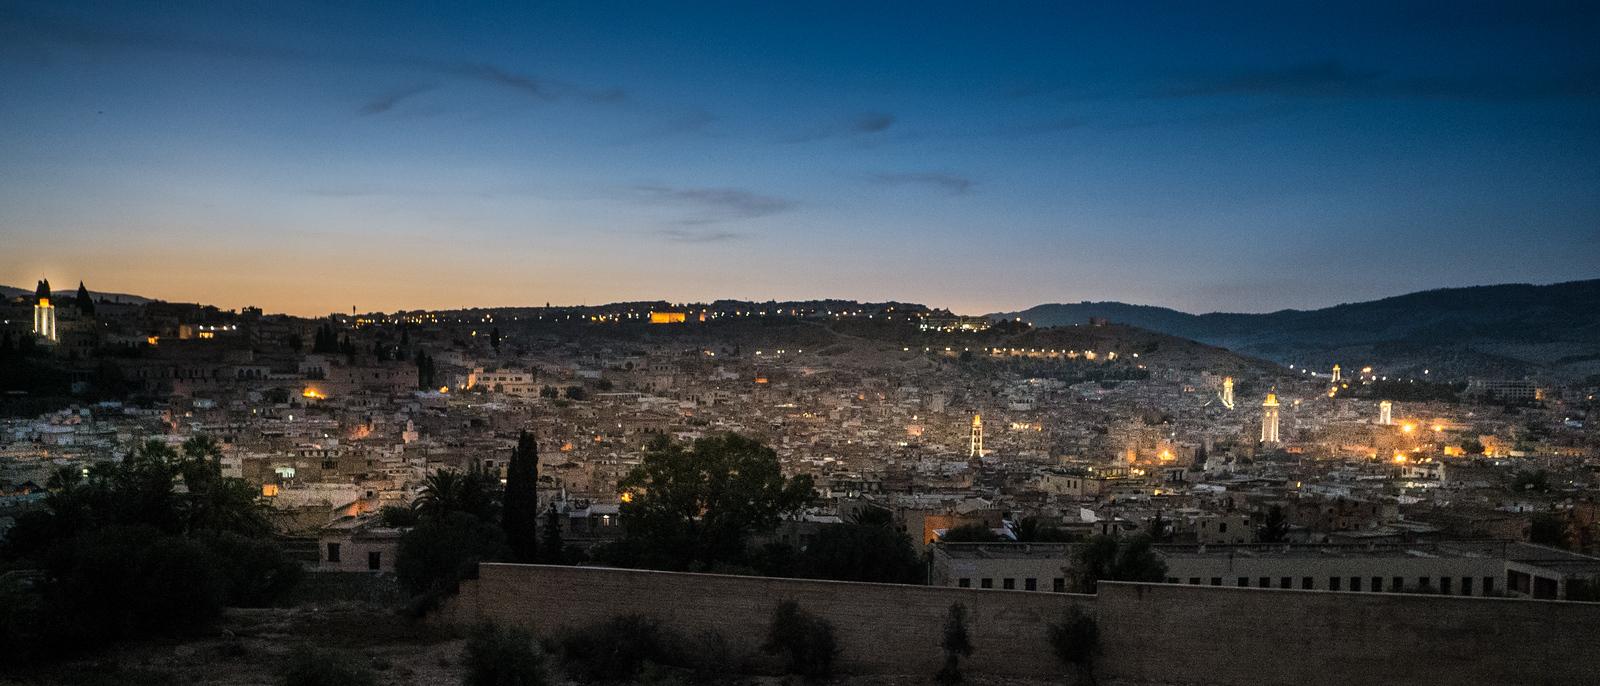 北非調色盤 摩洛哥 迷宮般的千年古城 菲斯 Fes 五大必拍主題